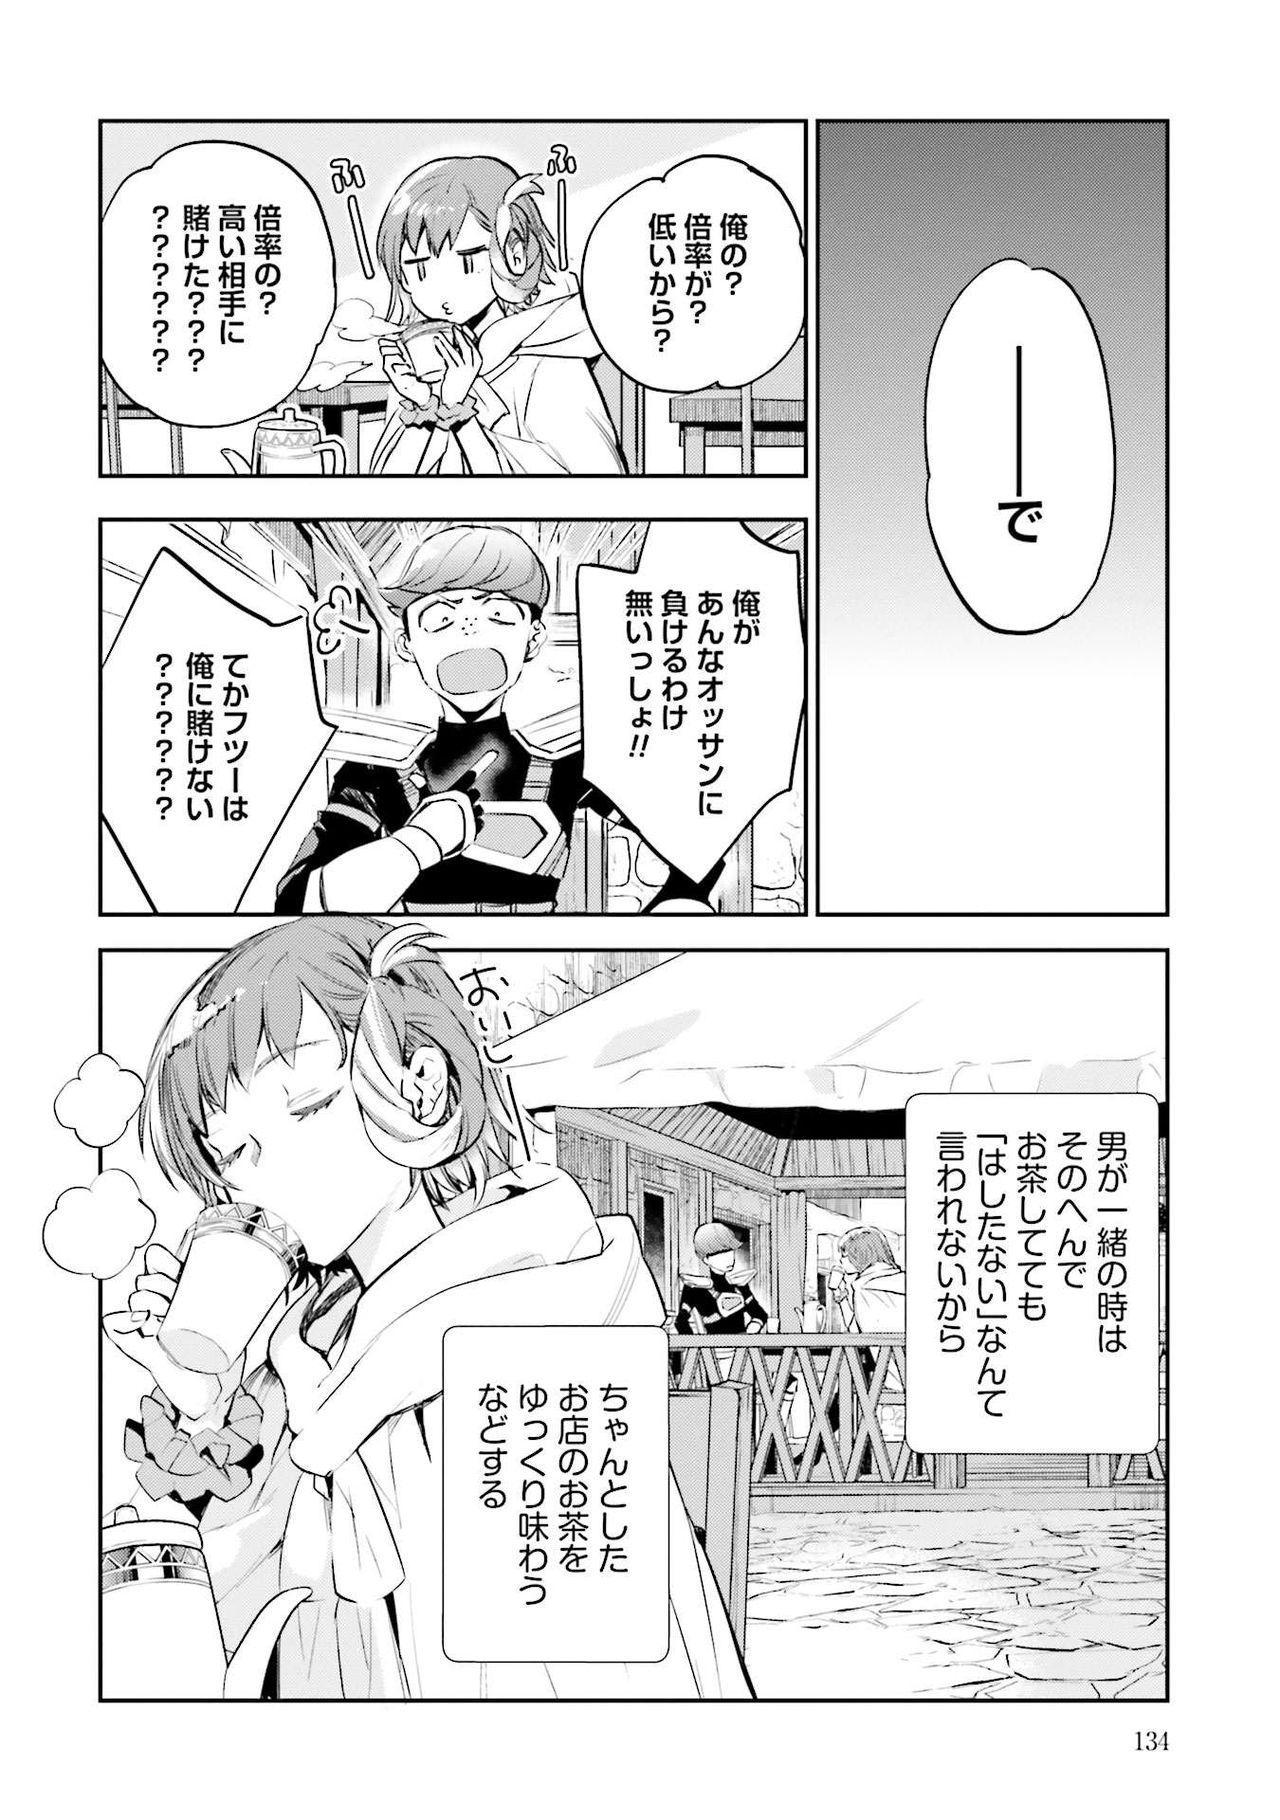 JK Haru wa Isekai de Shoufu ni Natta 1-14 135